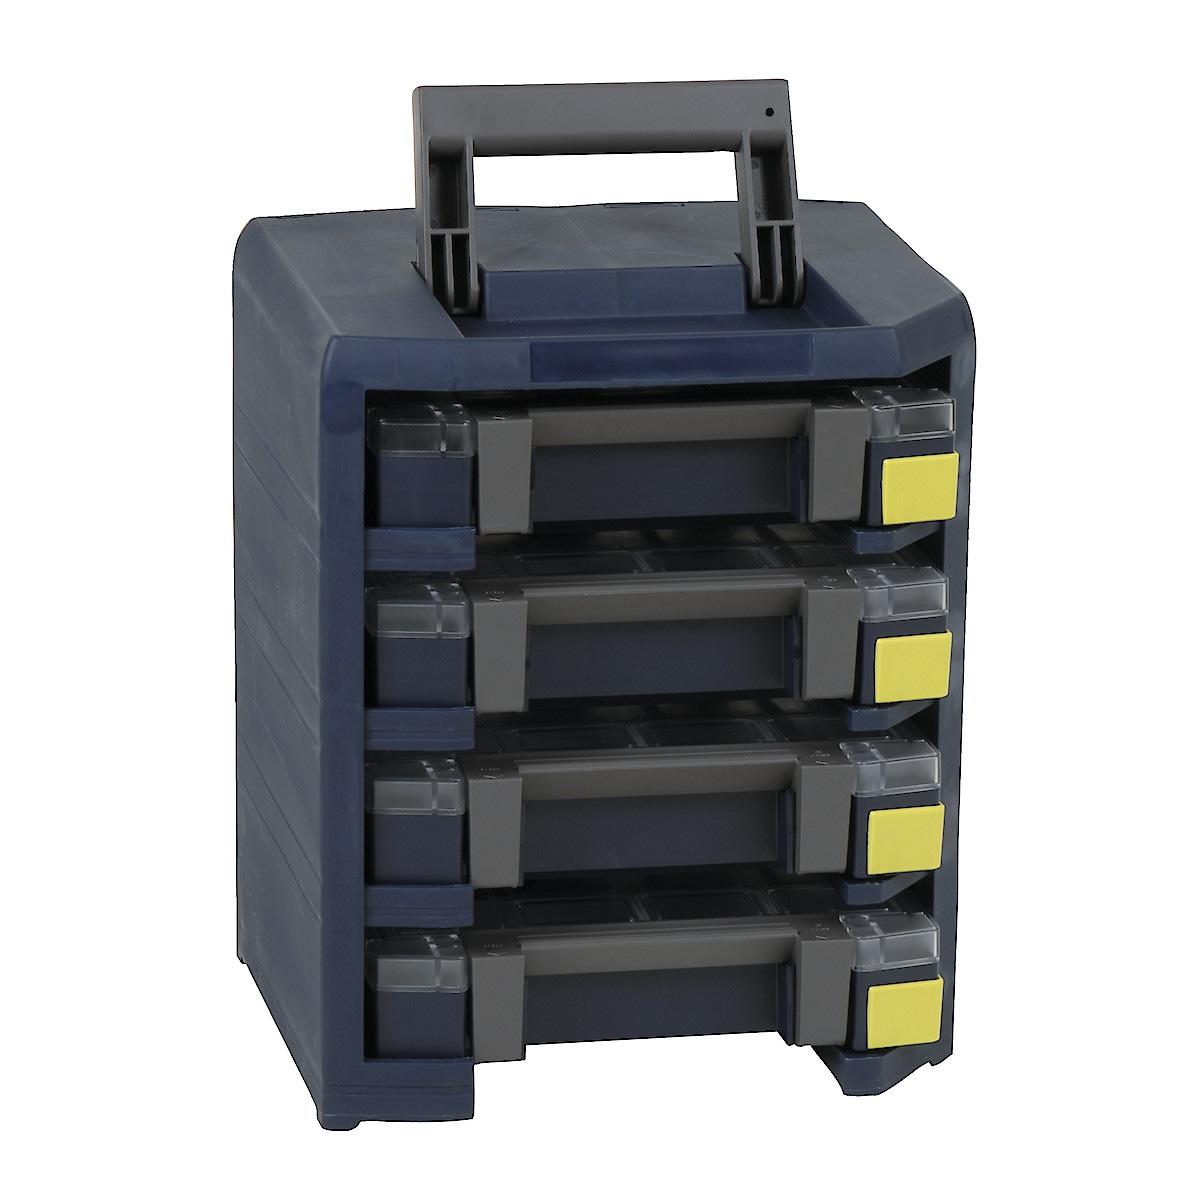 Förvaringslåda Handyboxxser 4x4x4, Raaco